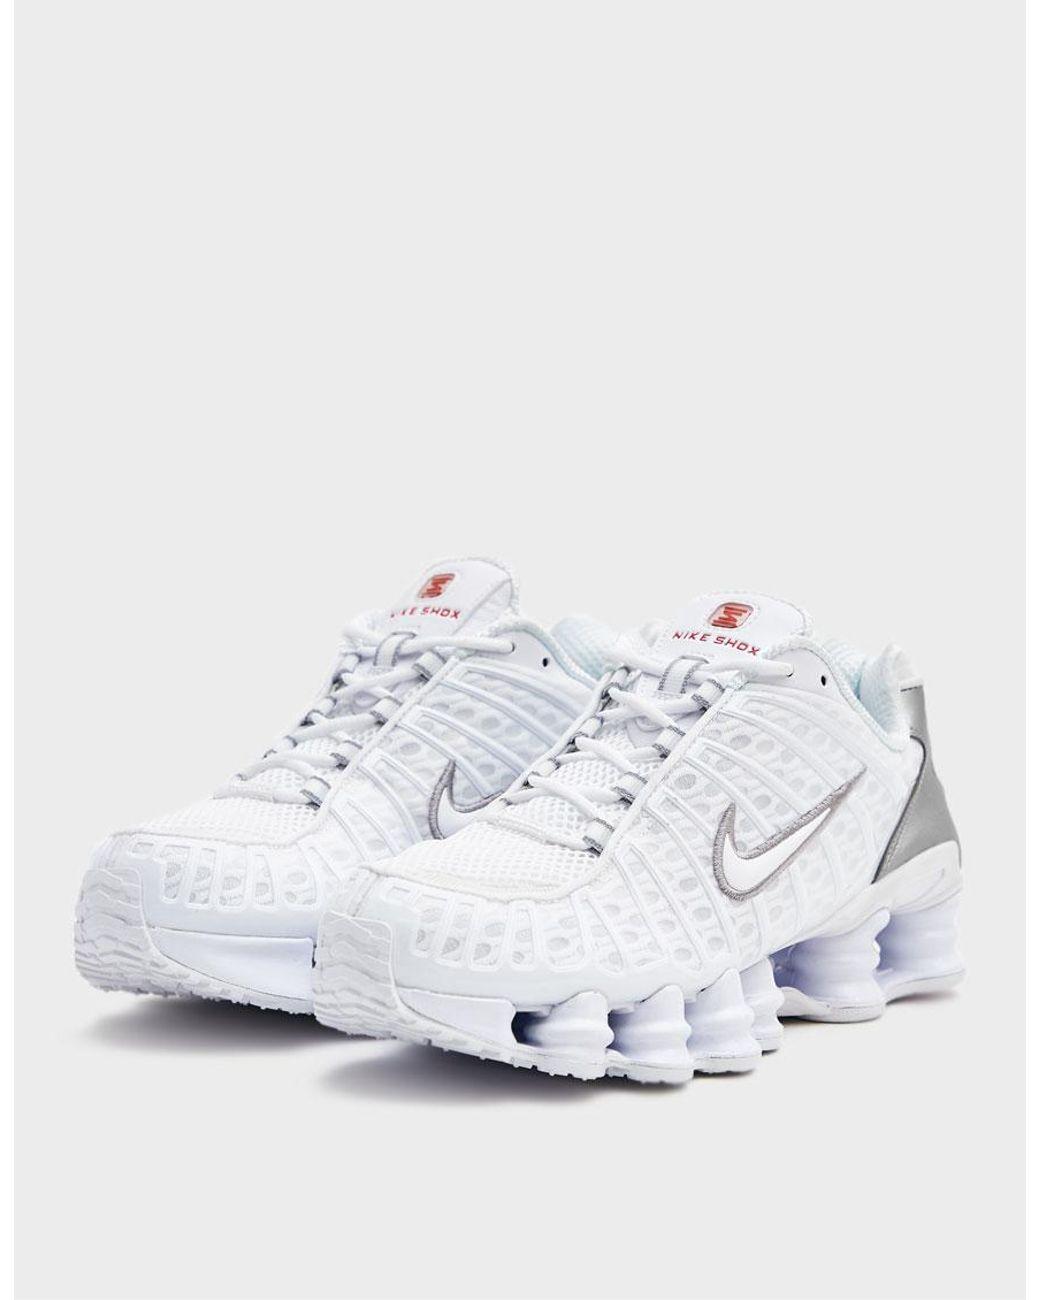 online store df502 15f97 Nike Shox Tl Sneaker in White - Lyst